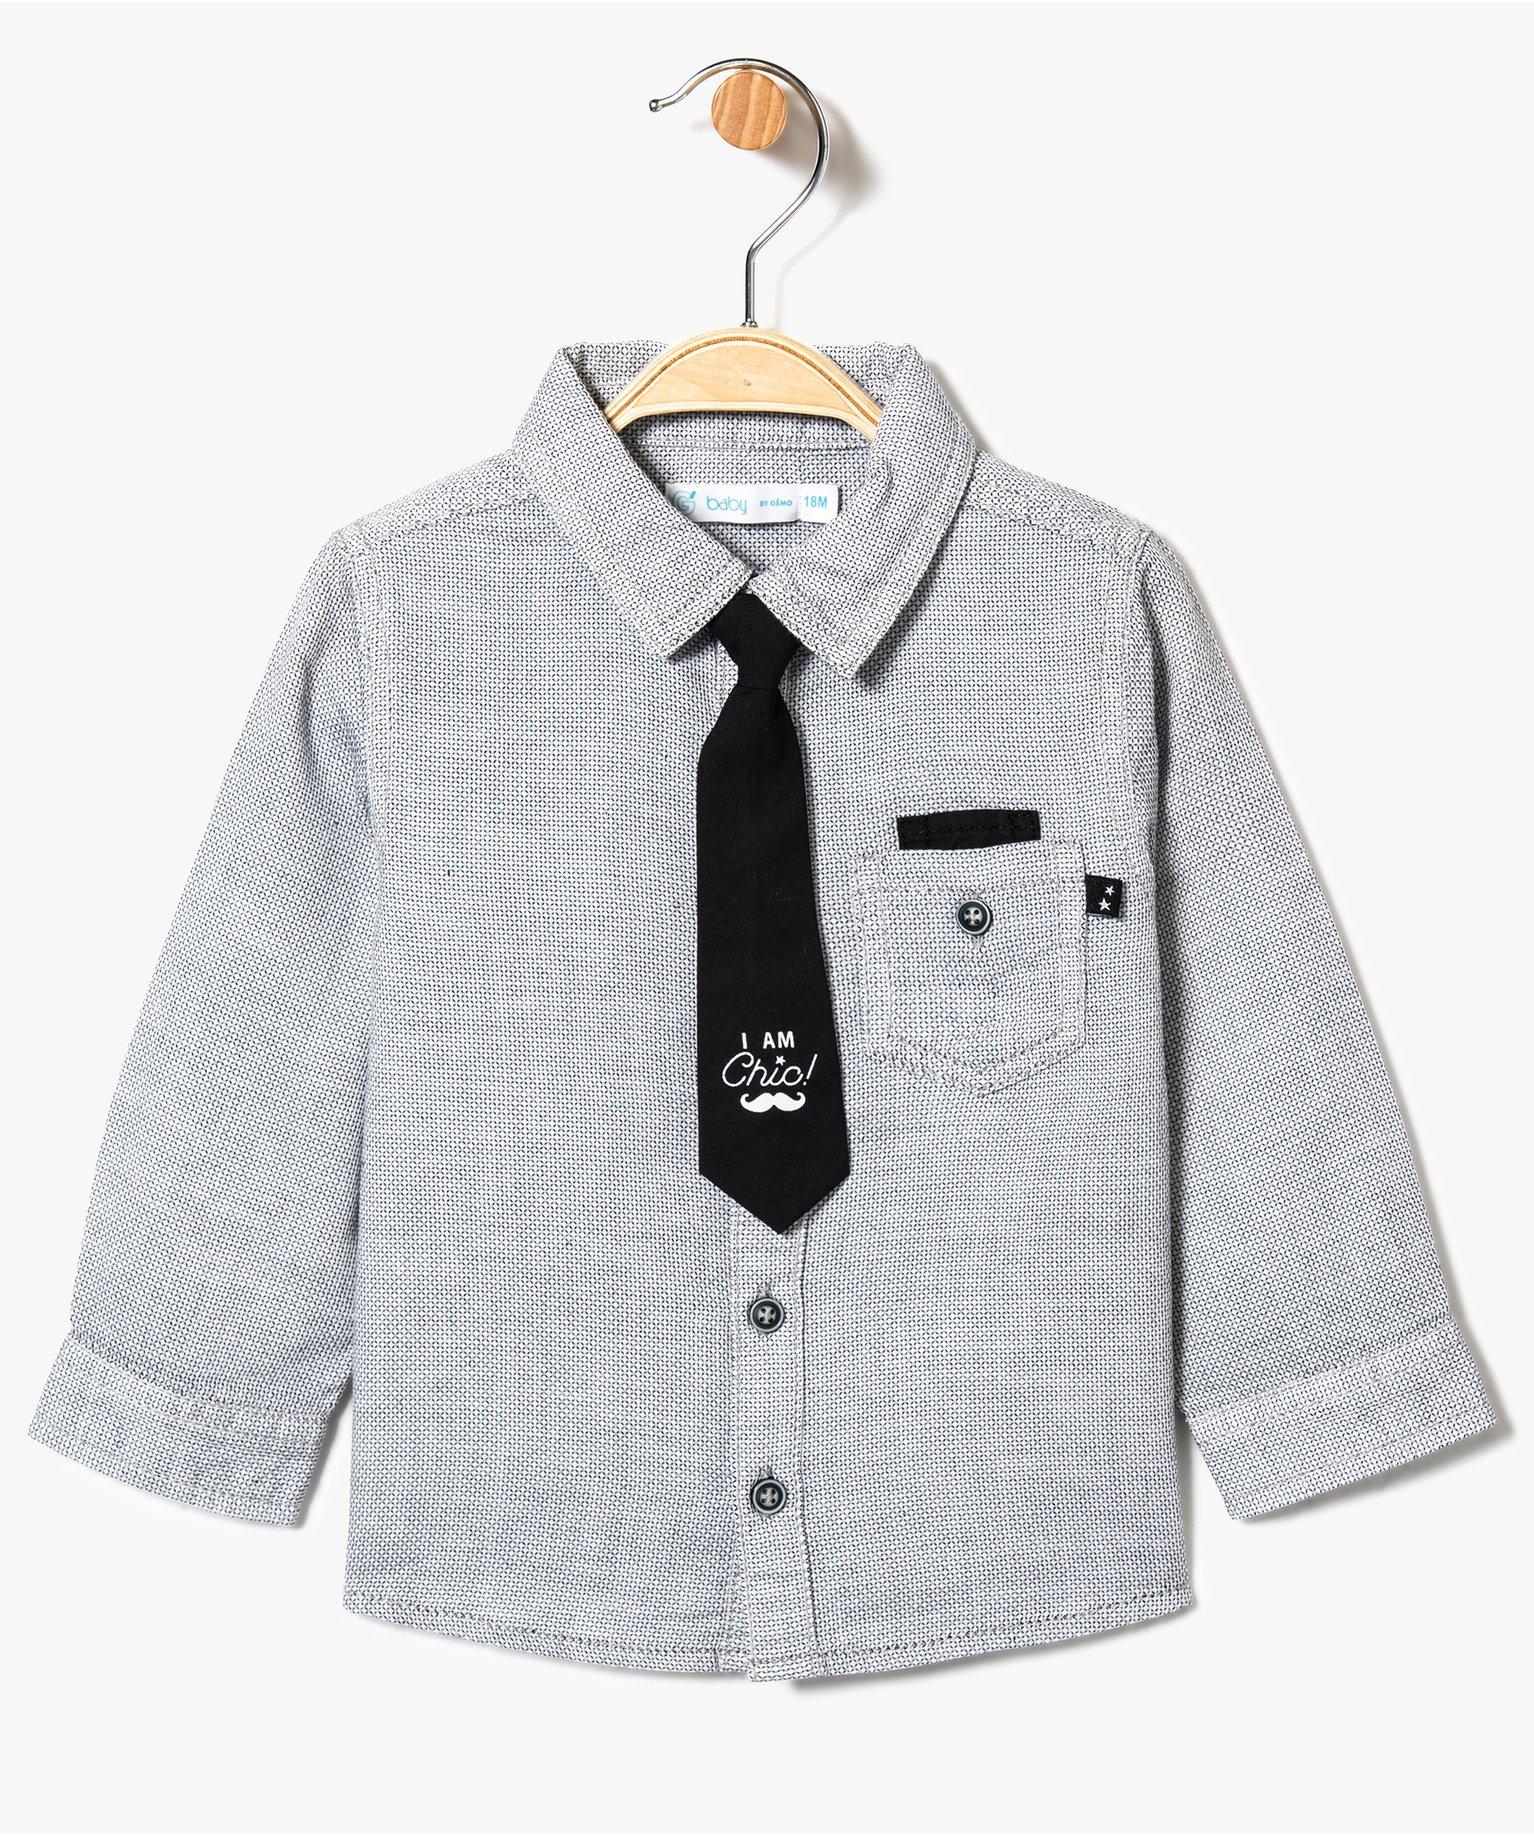 Chemise texturée avec cravate